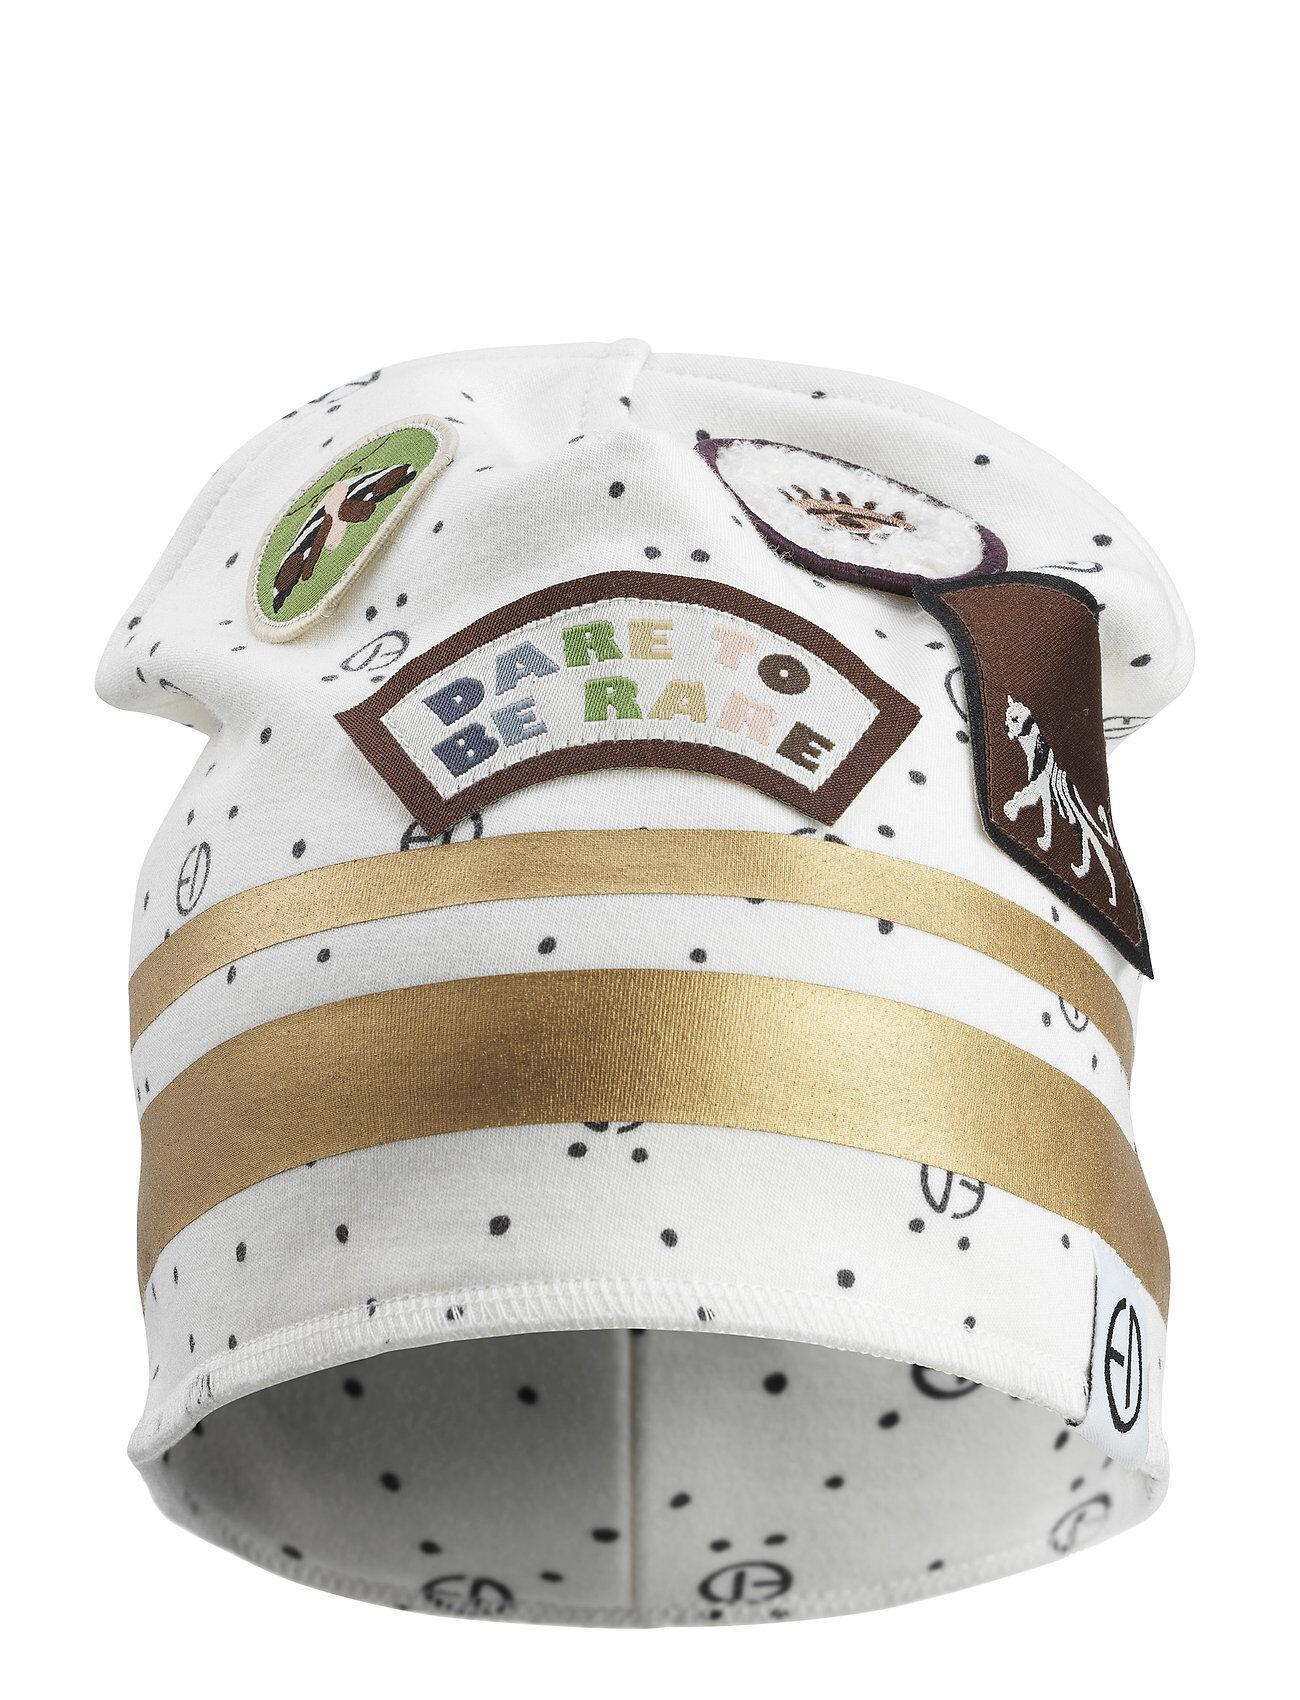 Elodie Details Winter Beanie - Monogram Accessories Headwear Hats Valkoinen Elodie Details